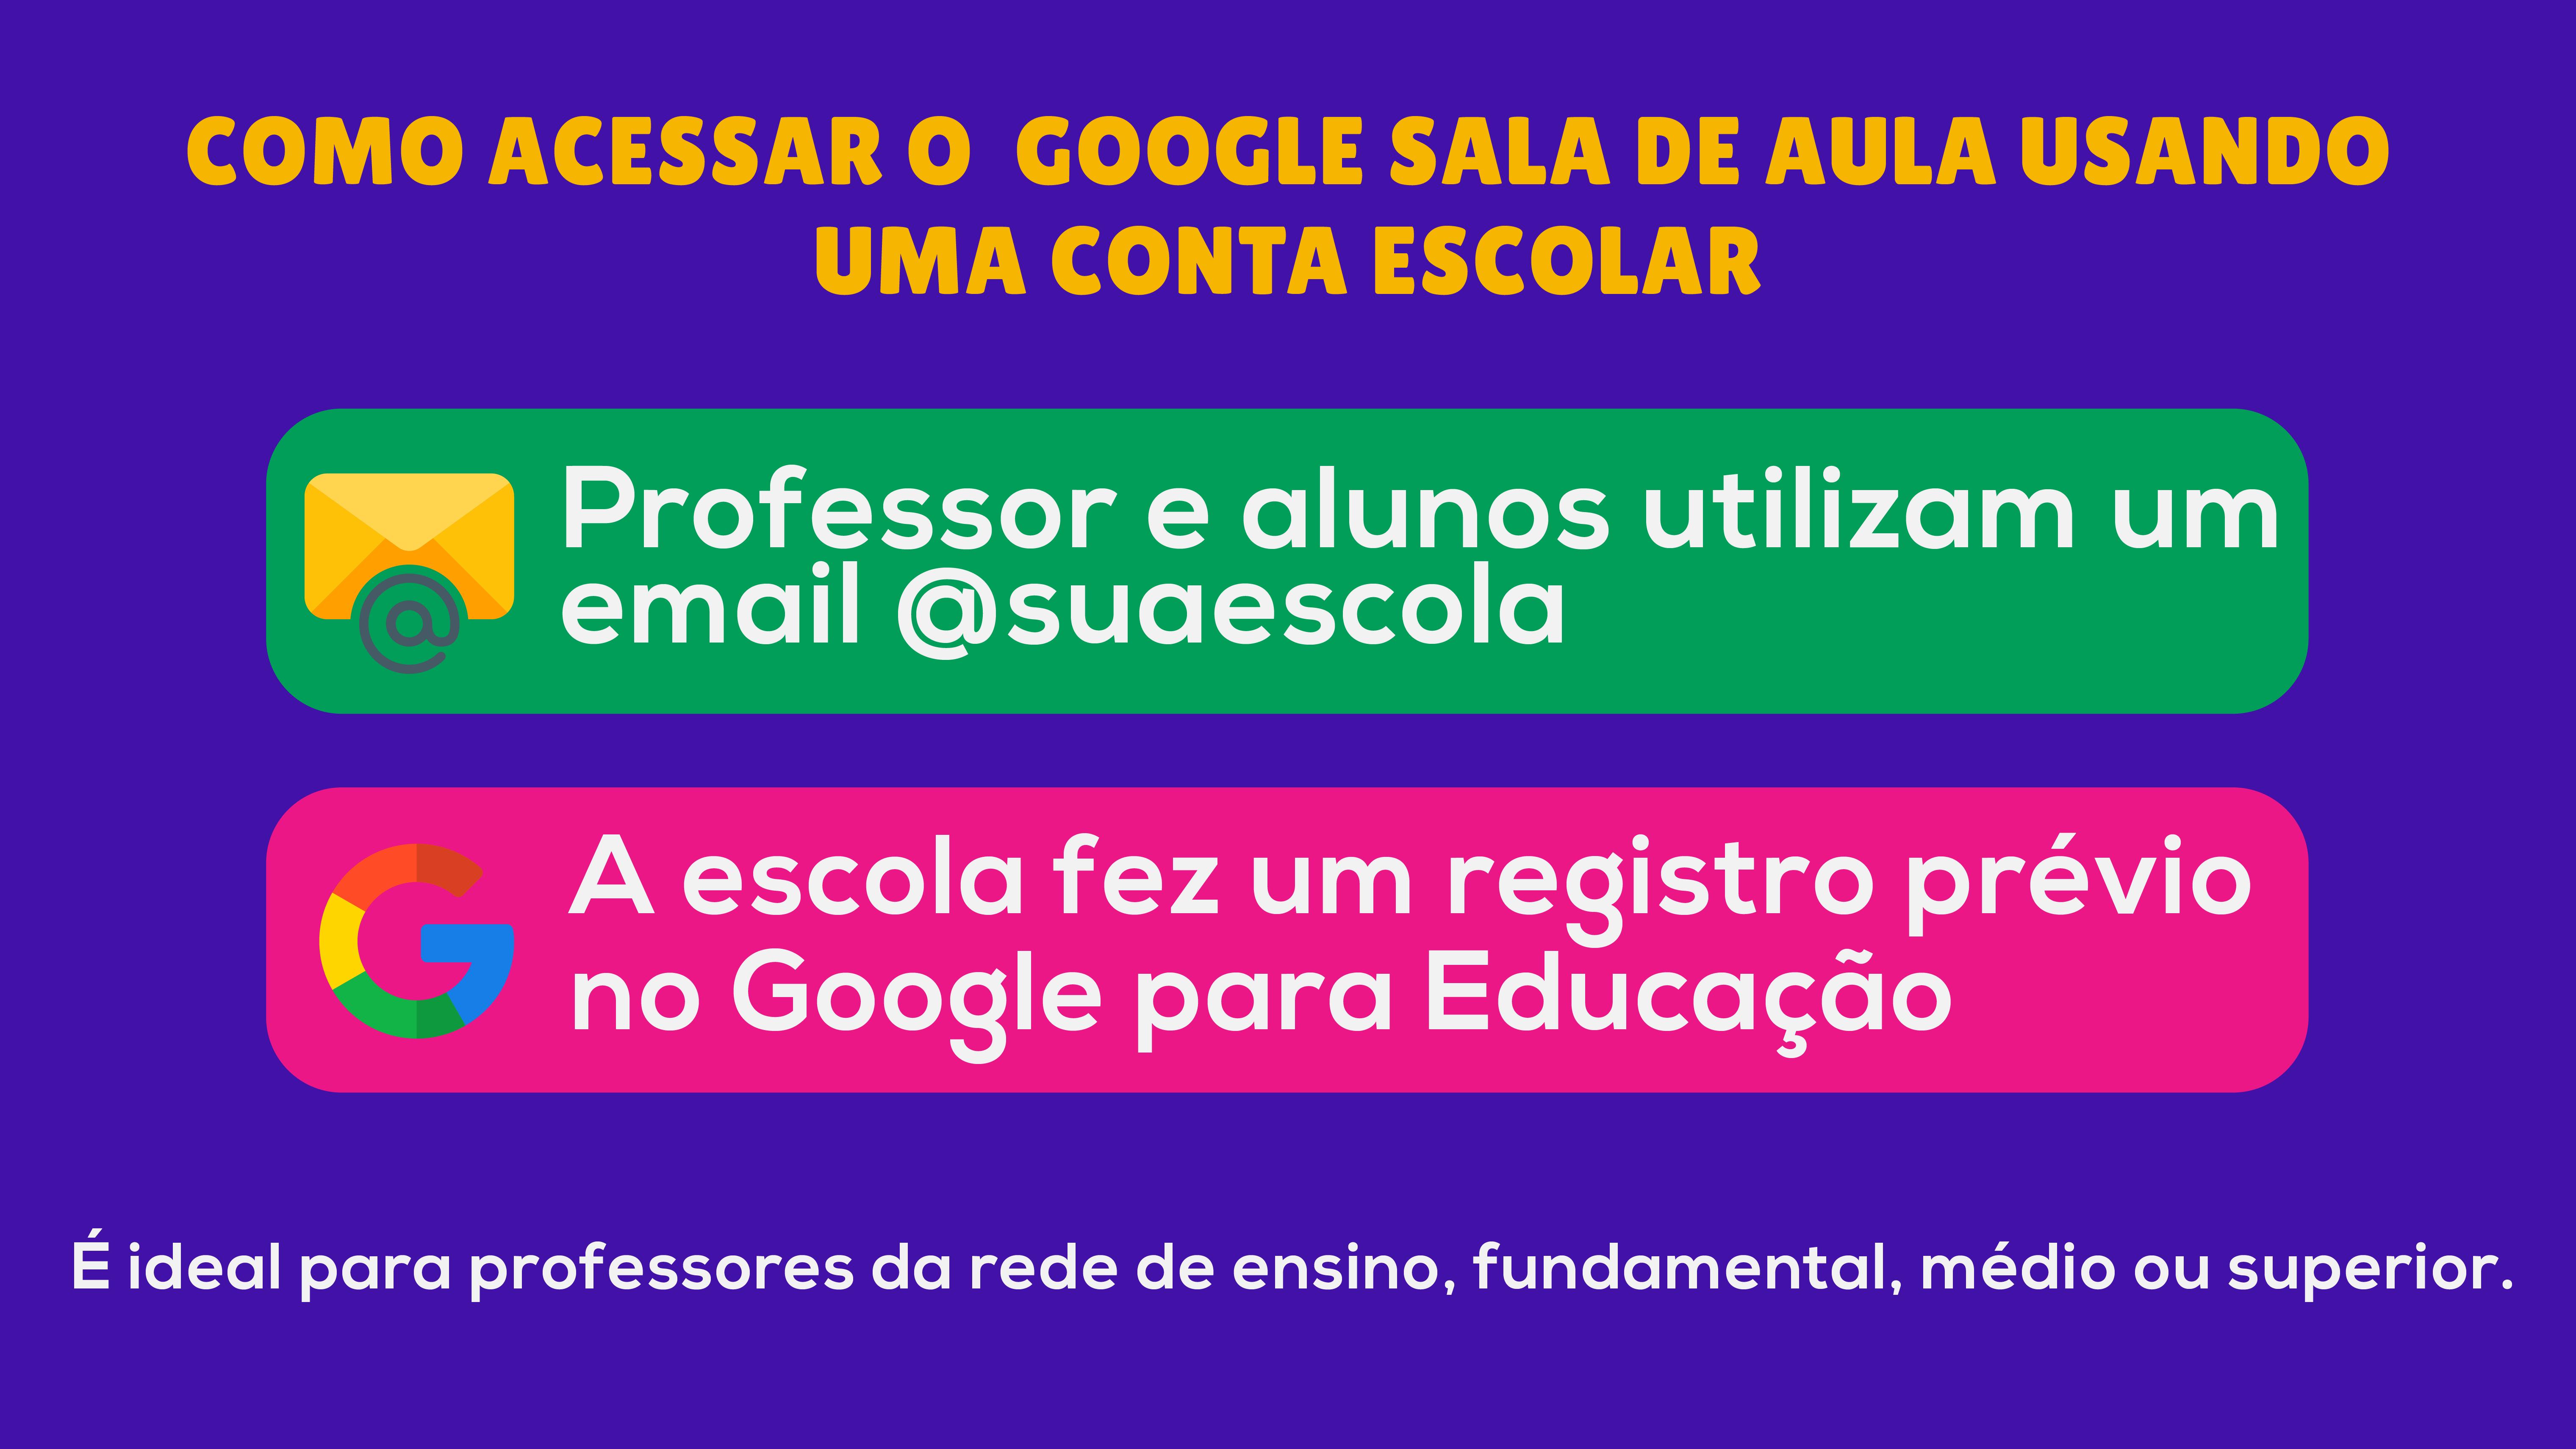 Como acessar o google sala de aula usando uma conta escolar